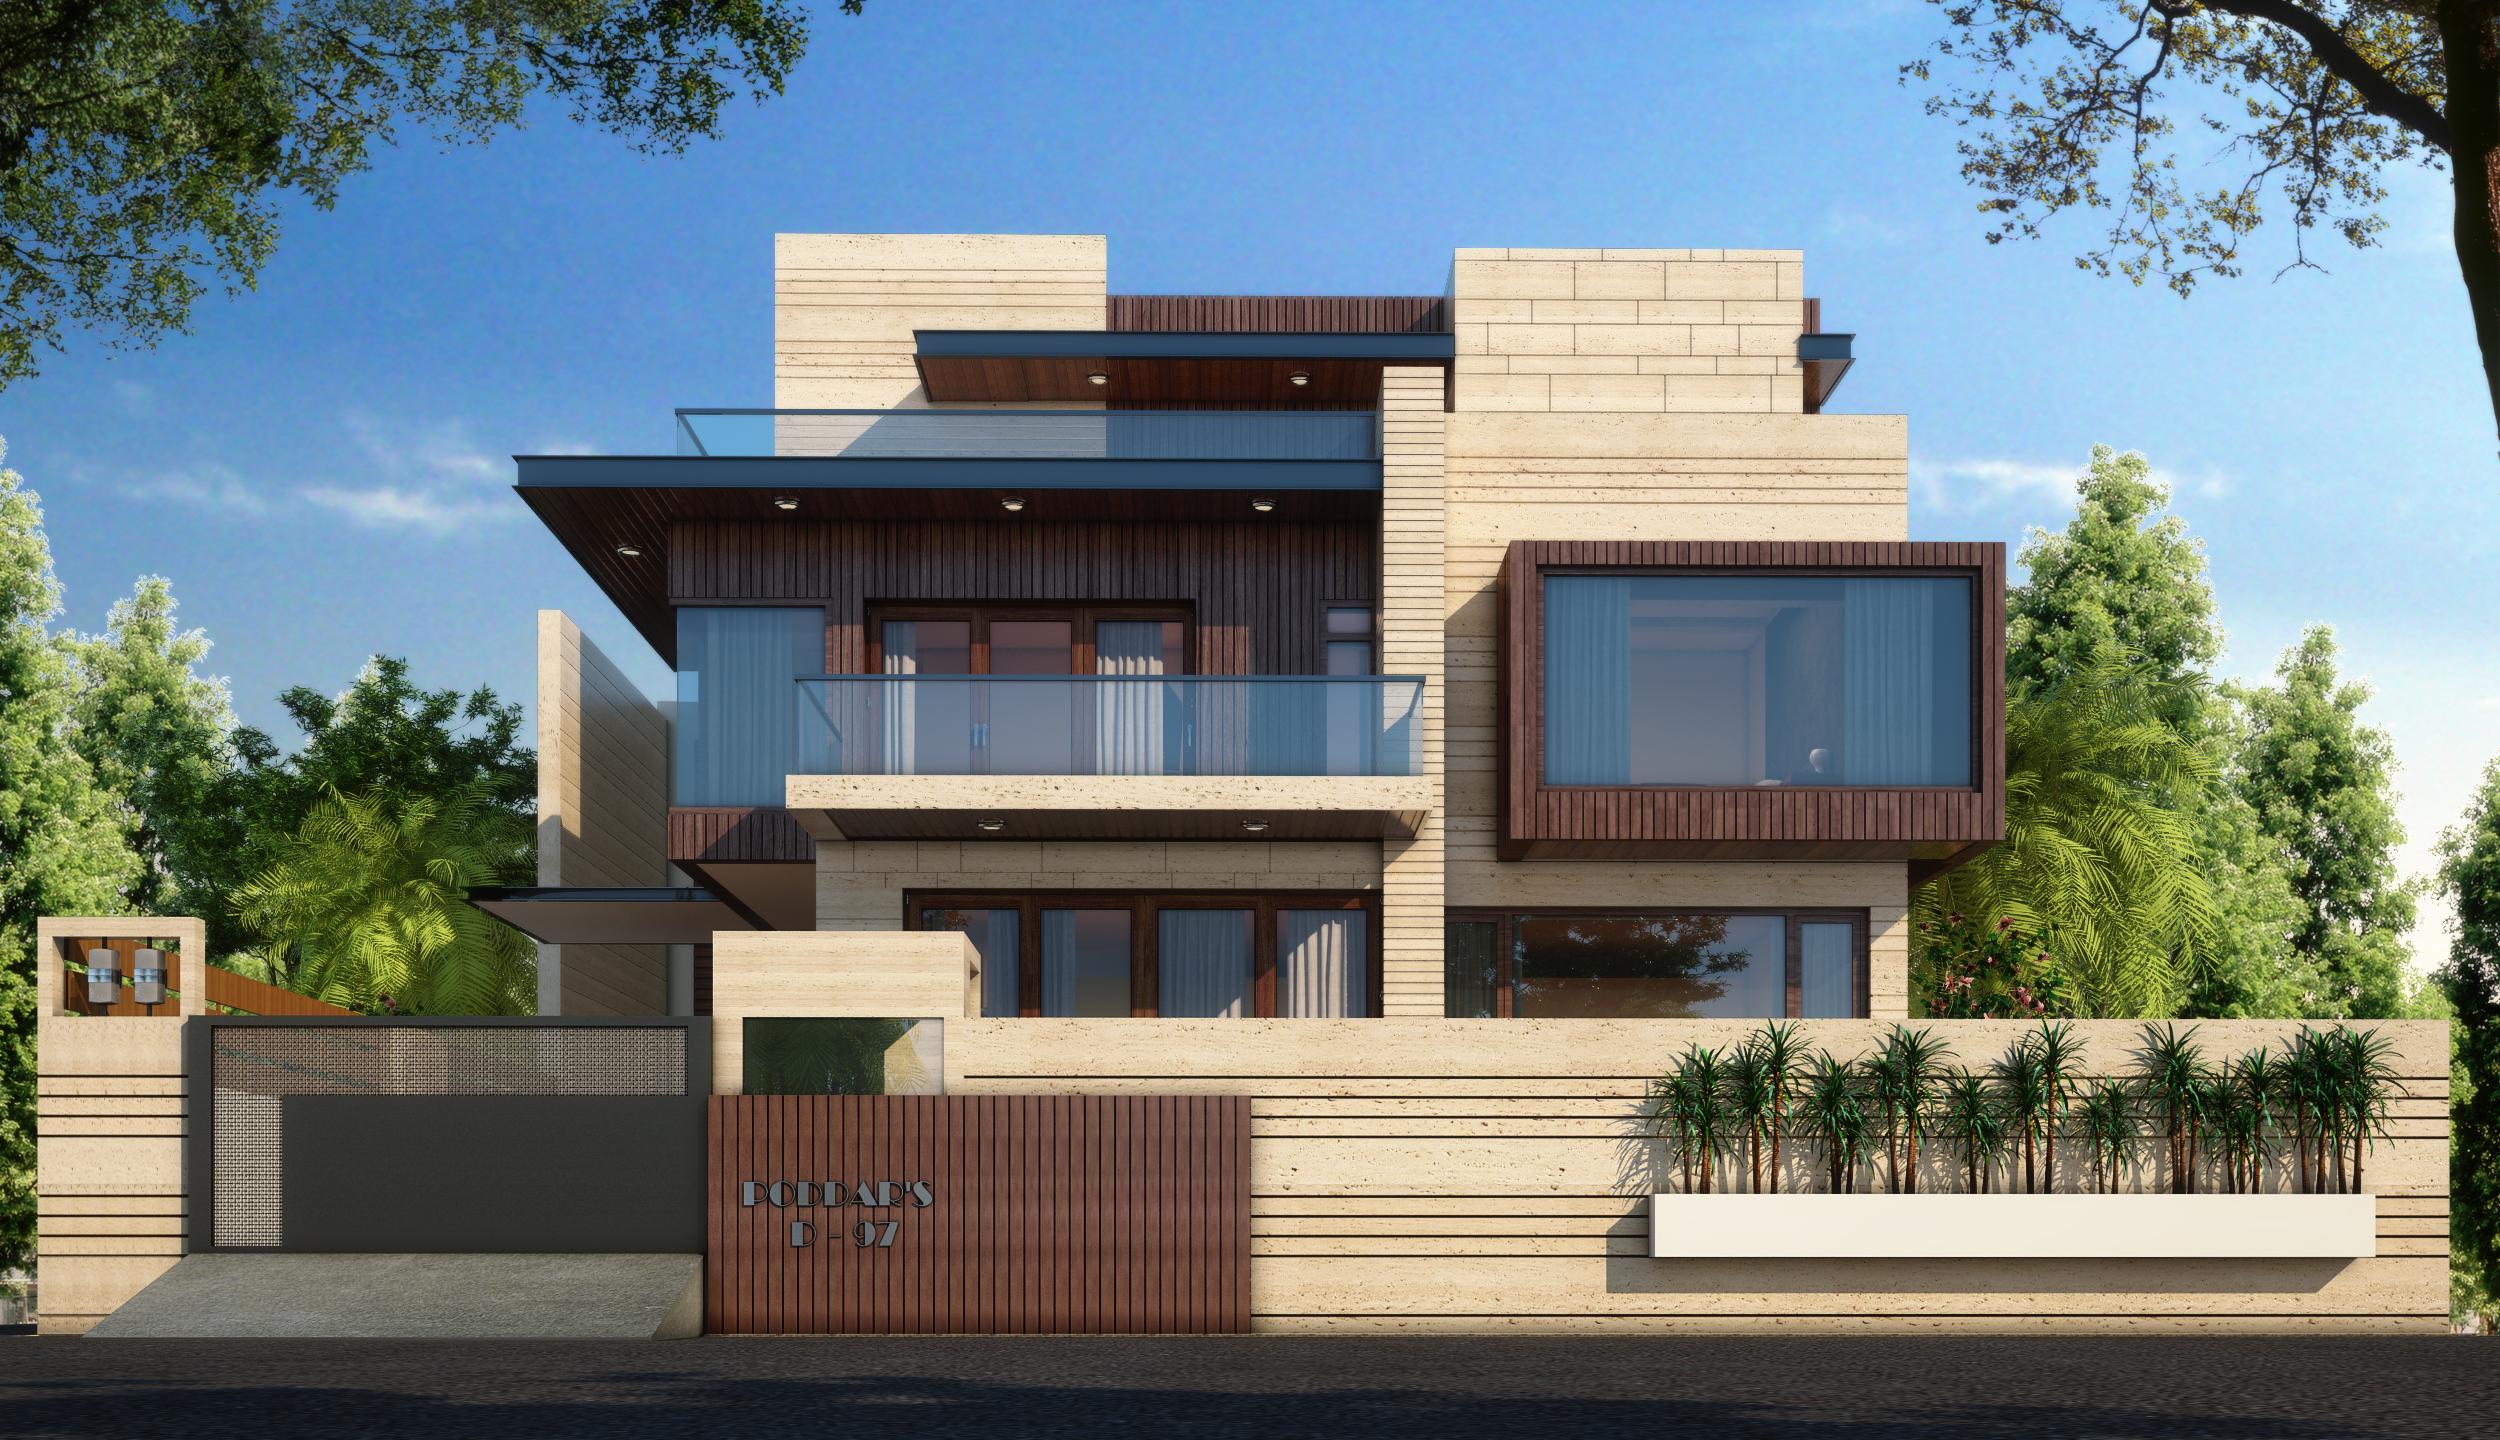 Desain Rumah Mewah 3 Lantai